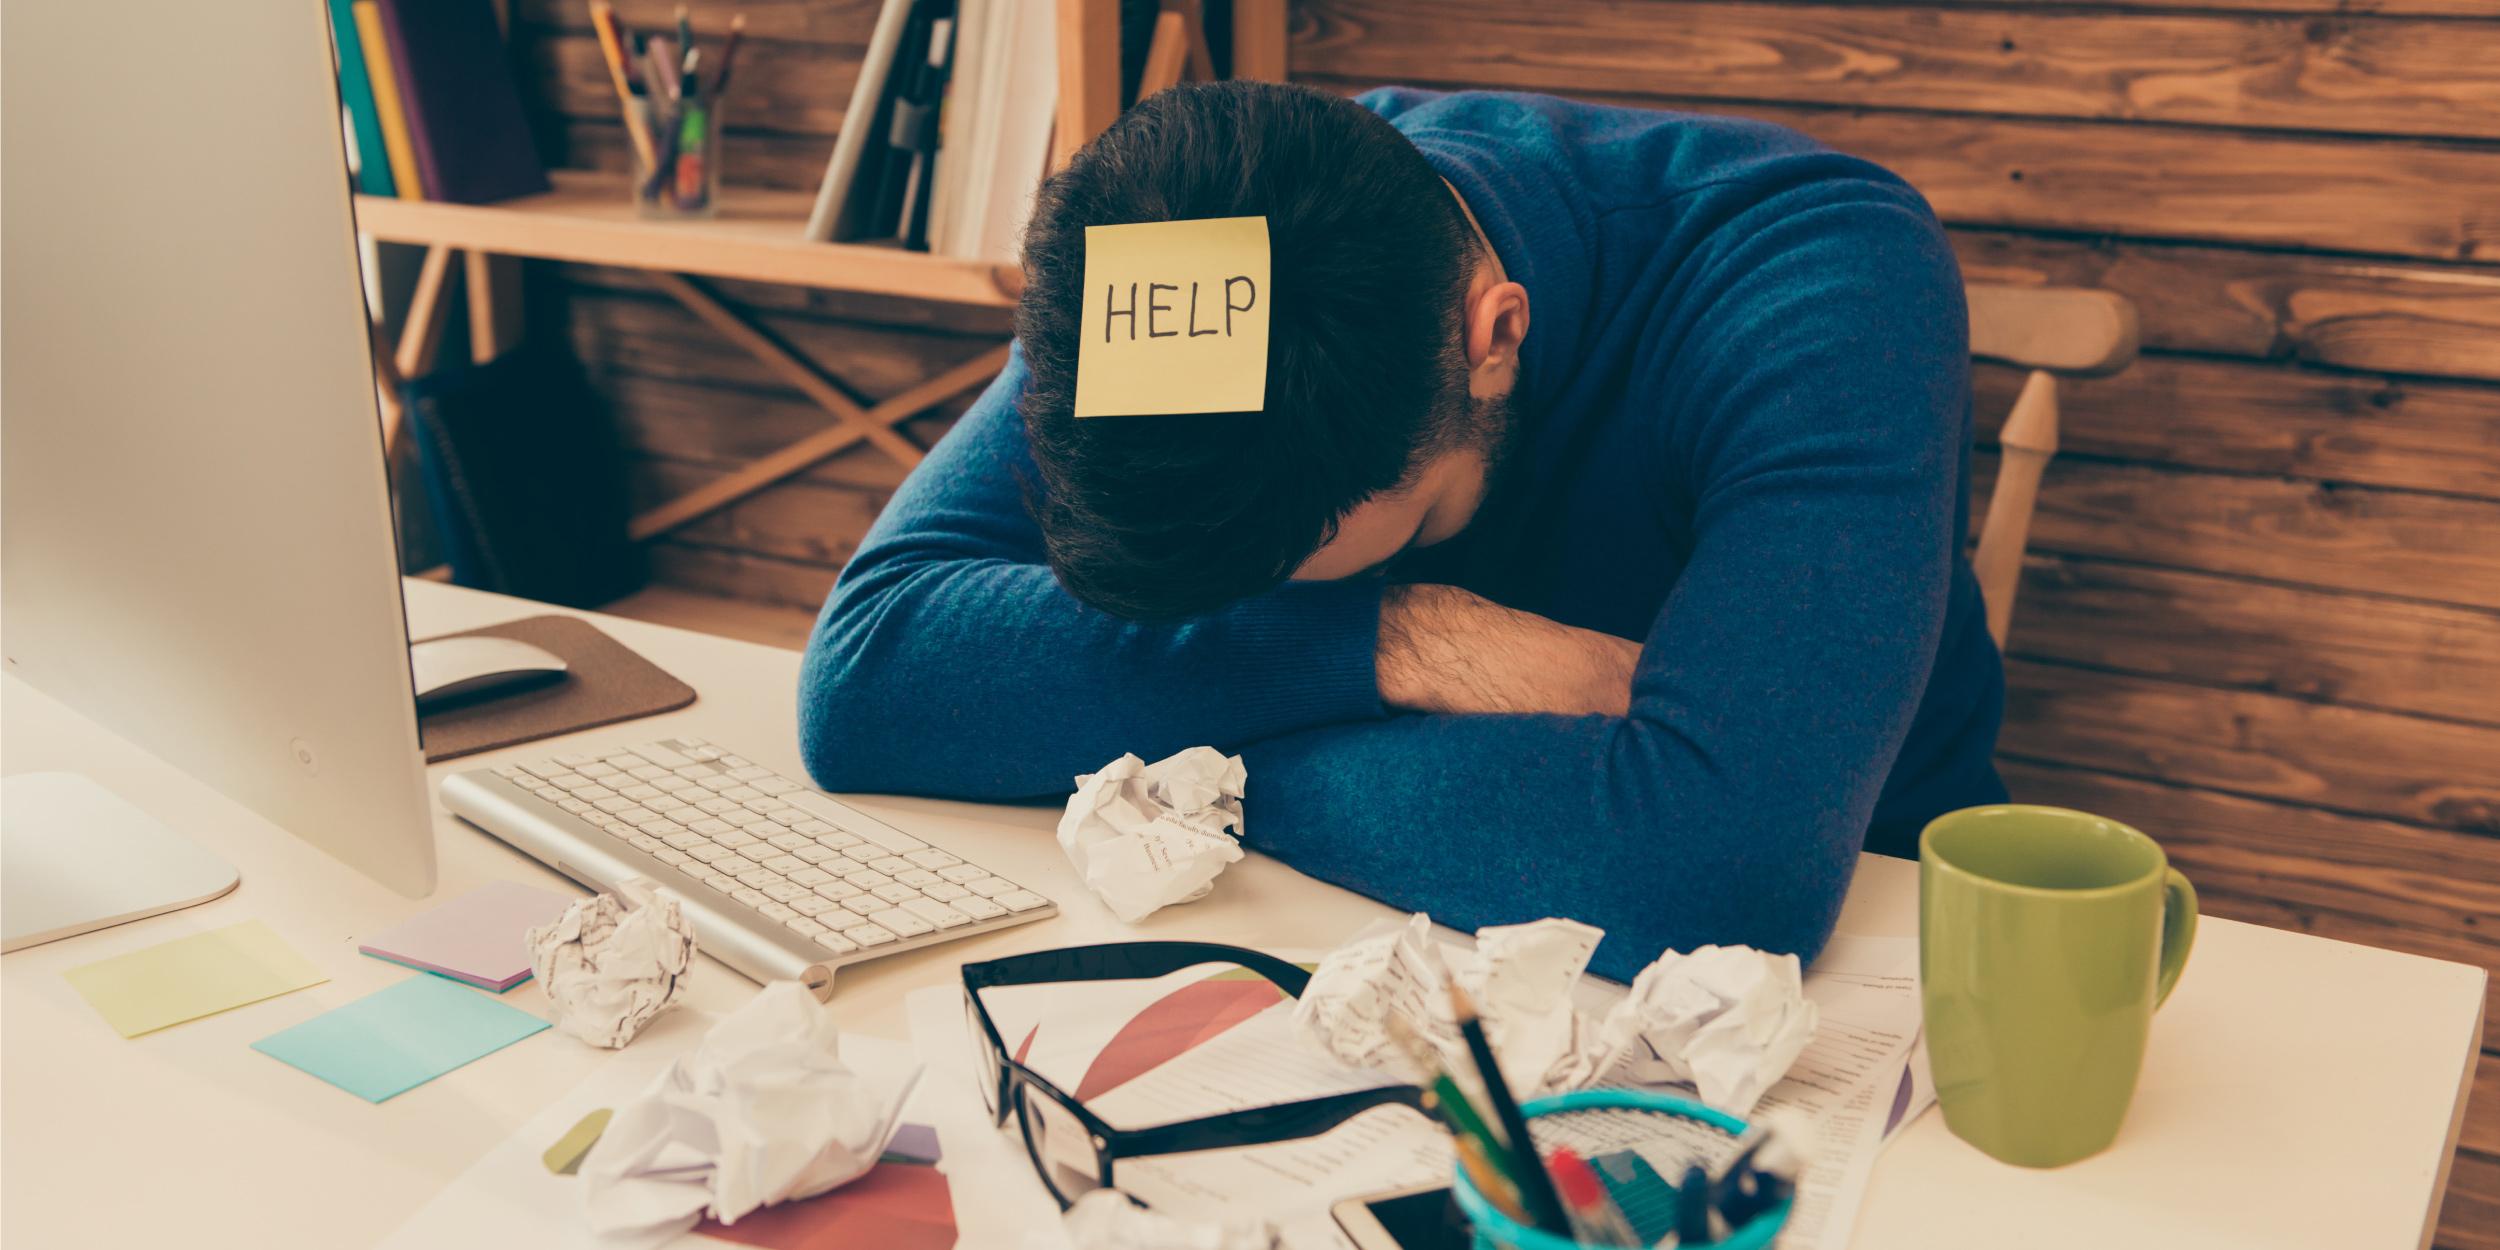 Как выдержать рабочий день: 6советов тем, кто с трудом просыпается по утрам